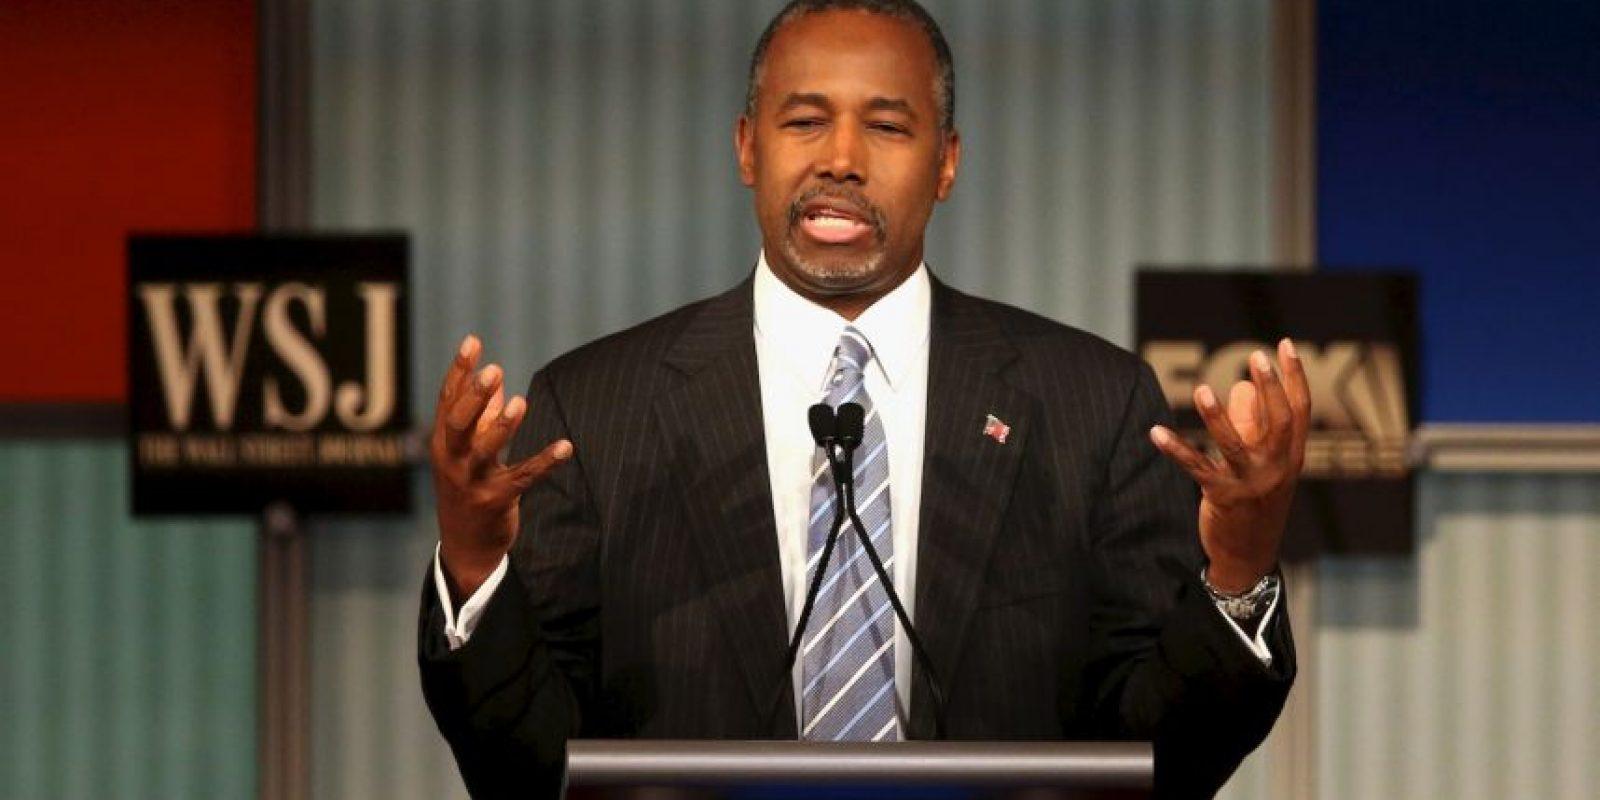 Ben Carson bromeó sobre las indagaciones que se han hecho recientemente sobre su pasado. Foto:Getty Images